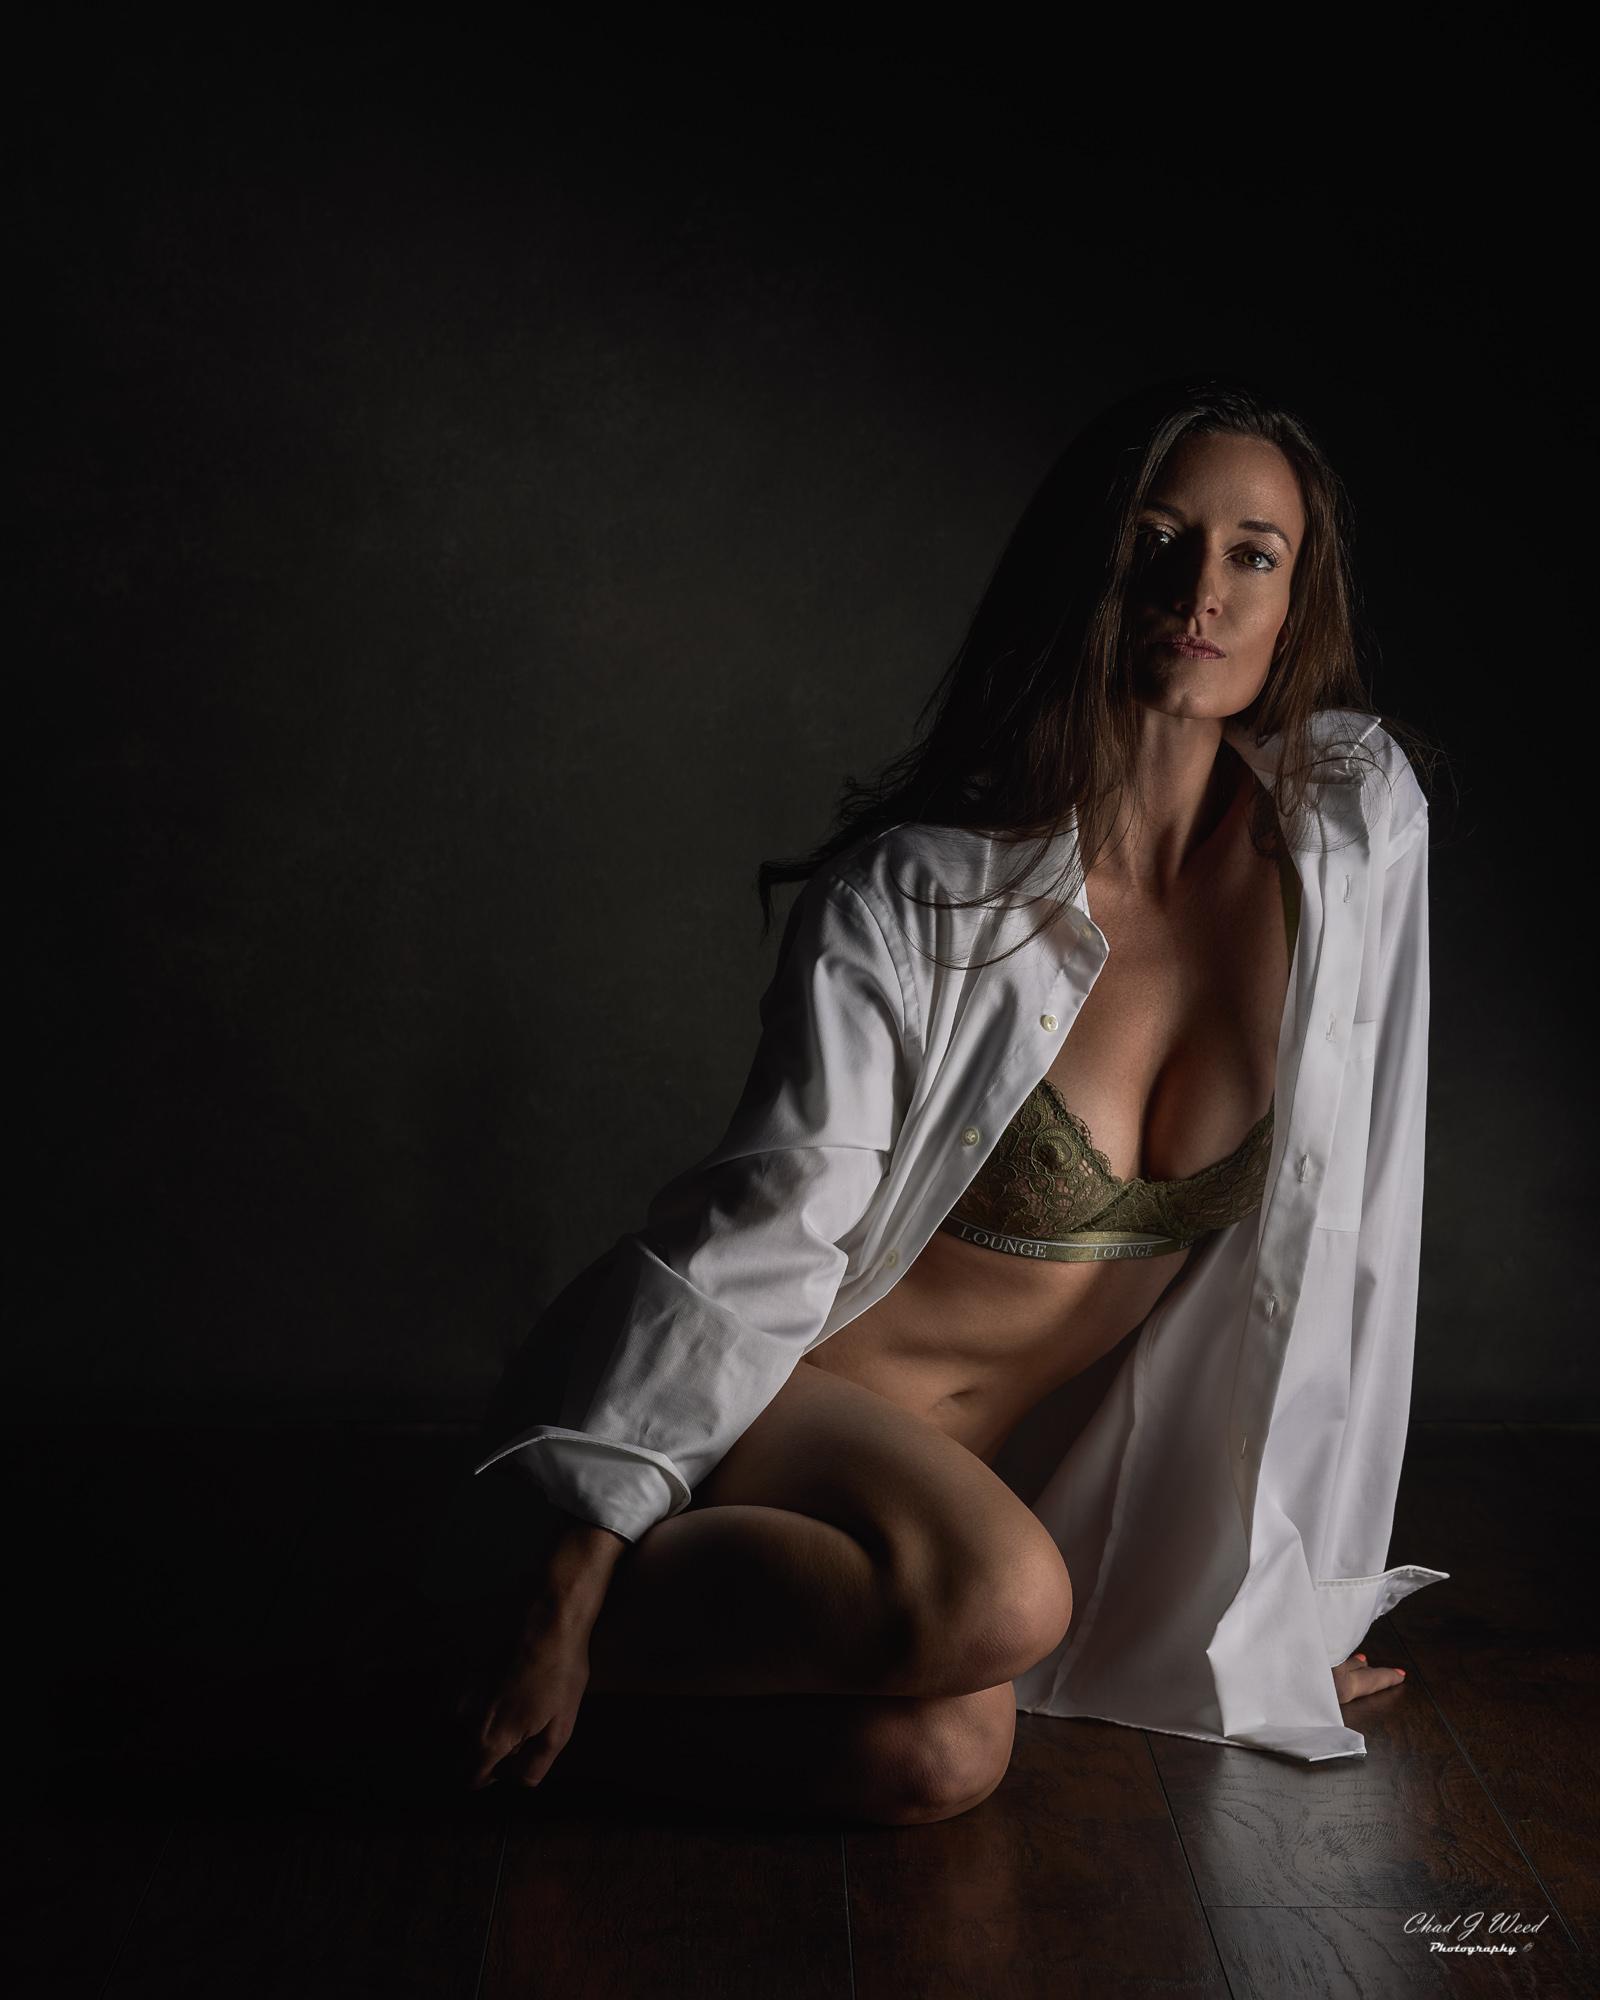 Arizona Portrait Photographer Chad Weed - Fashion Model Kristi